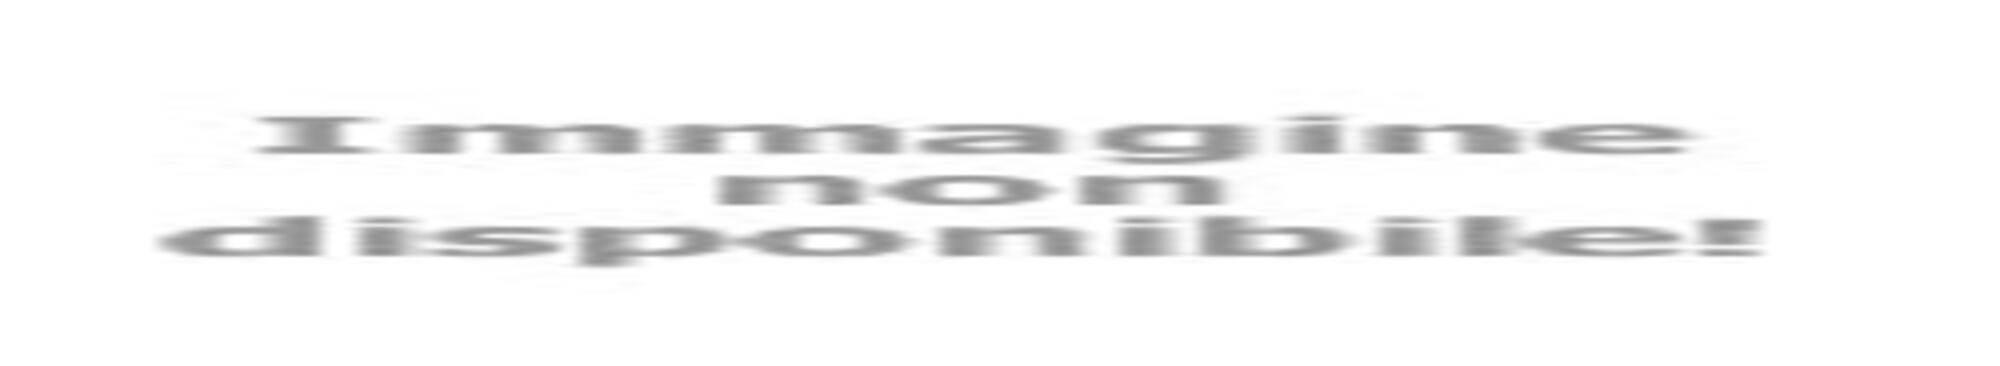 Novità: i nostri Chianti Classico nei grandi formati!